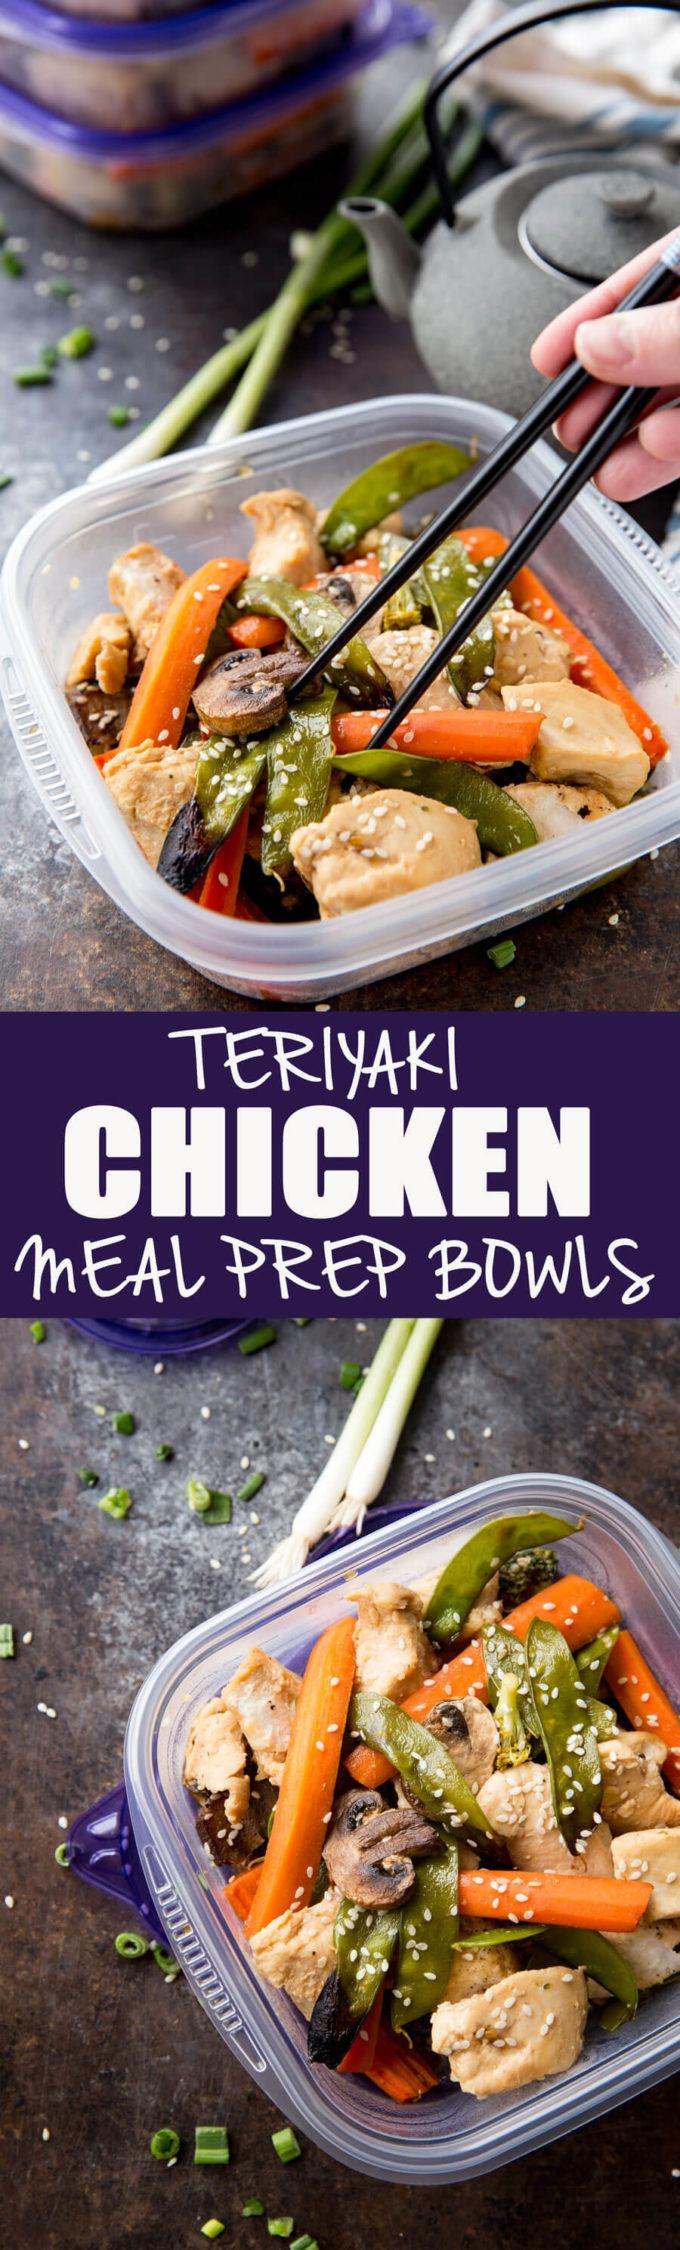 Easy to make sesame teriyaki chicken meal prep bowls